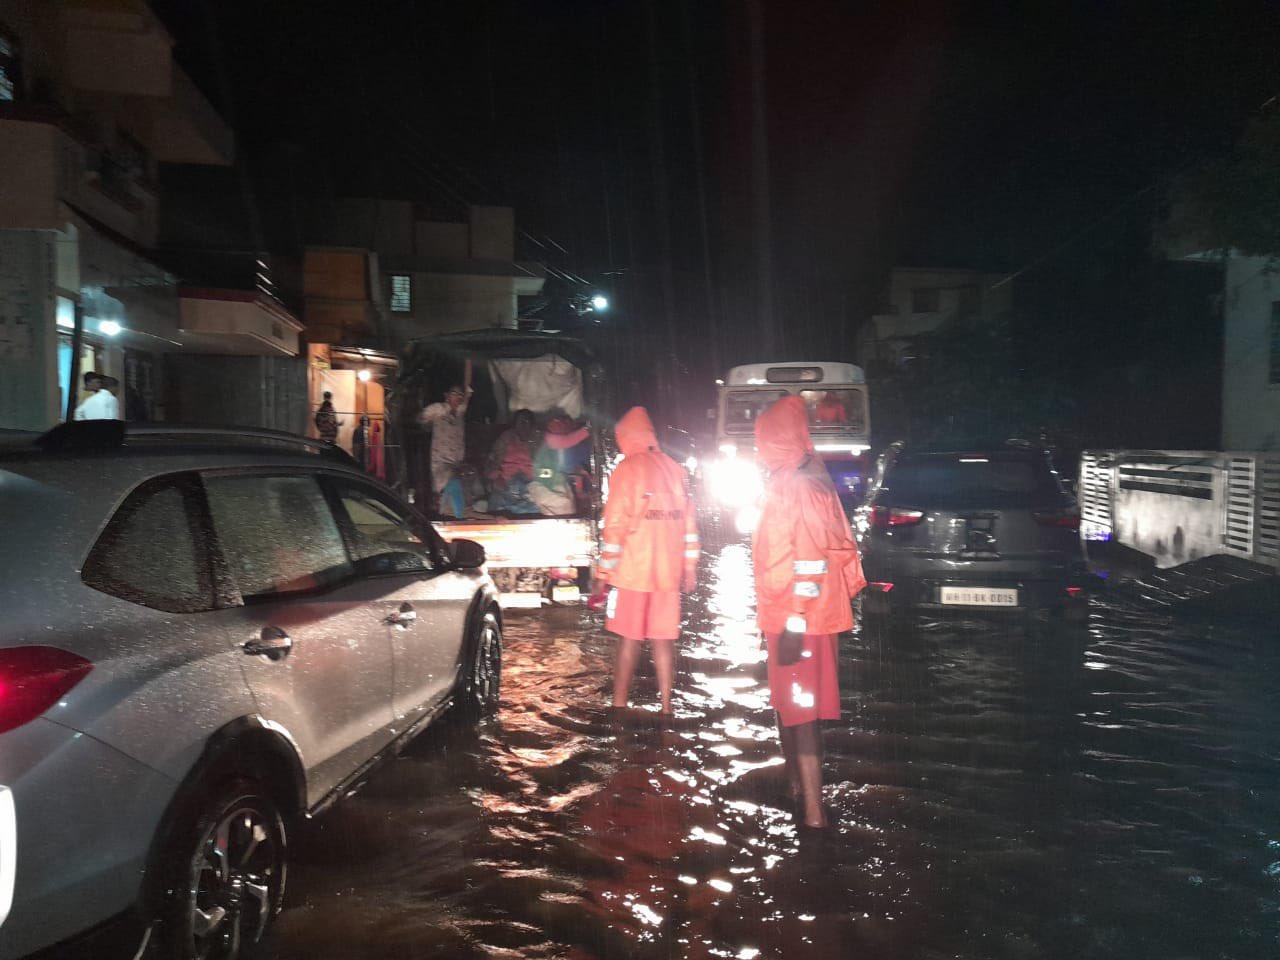 रायगढ़ में पूरी रात NDRF के लोग रेस्क्यू ऑपरेशन में जुटे रहे।